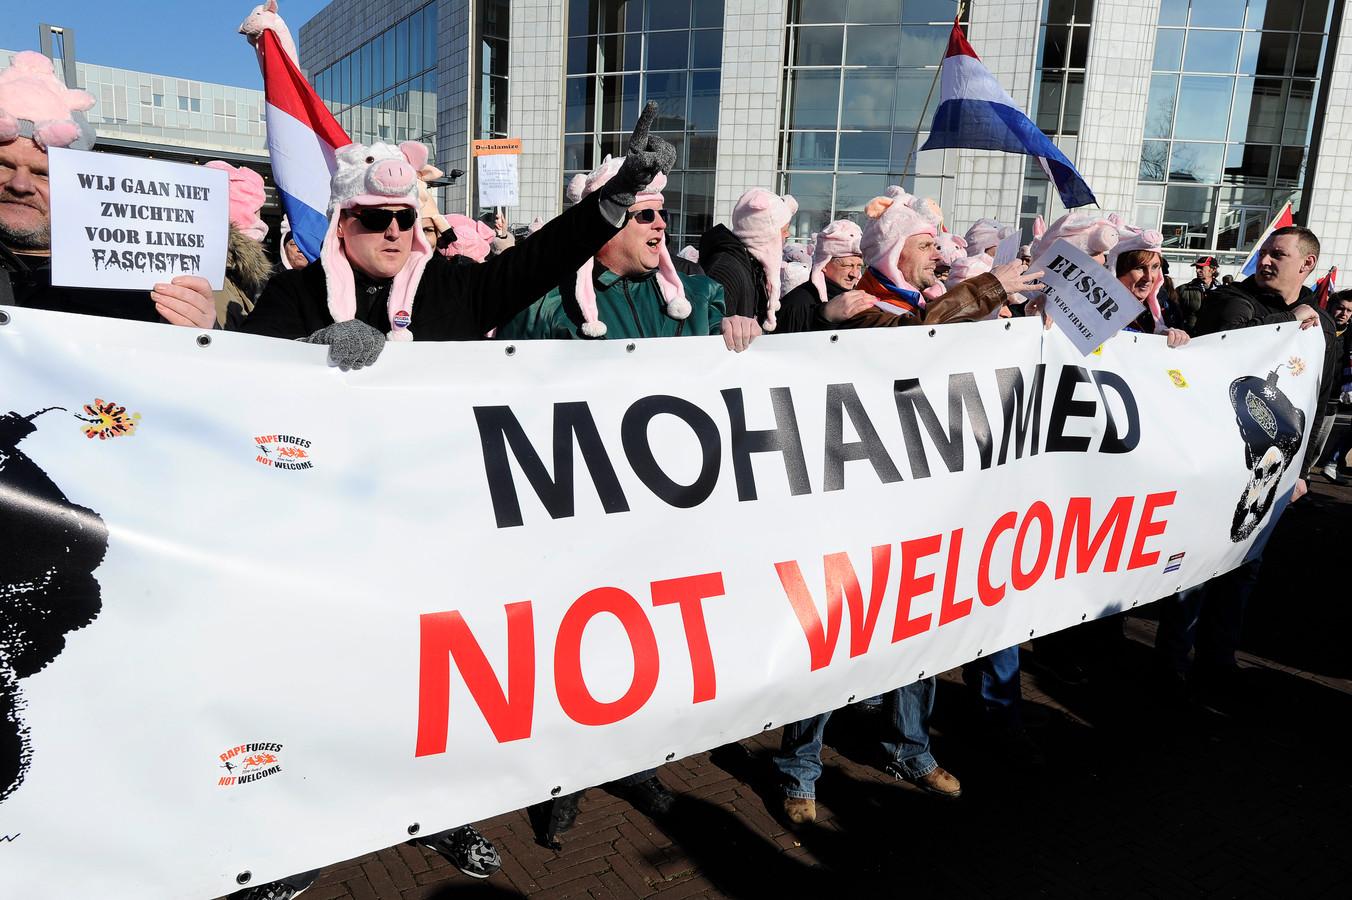 Demonstranten van de anti-islambeweging Pegida protesteren in september vorig jaar met een varkensmasker voor het stadhuis in Amsterdam tegen het vluchtelingenbeleid